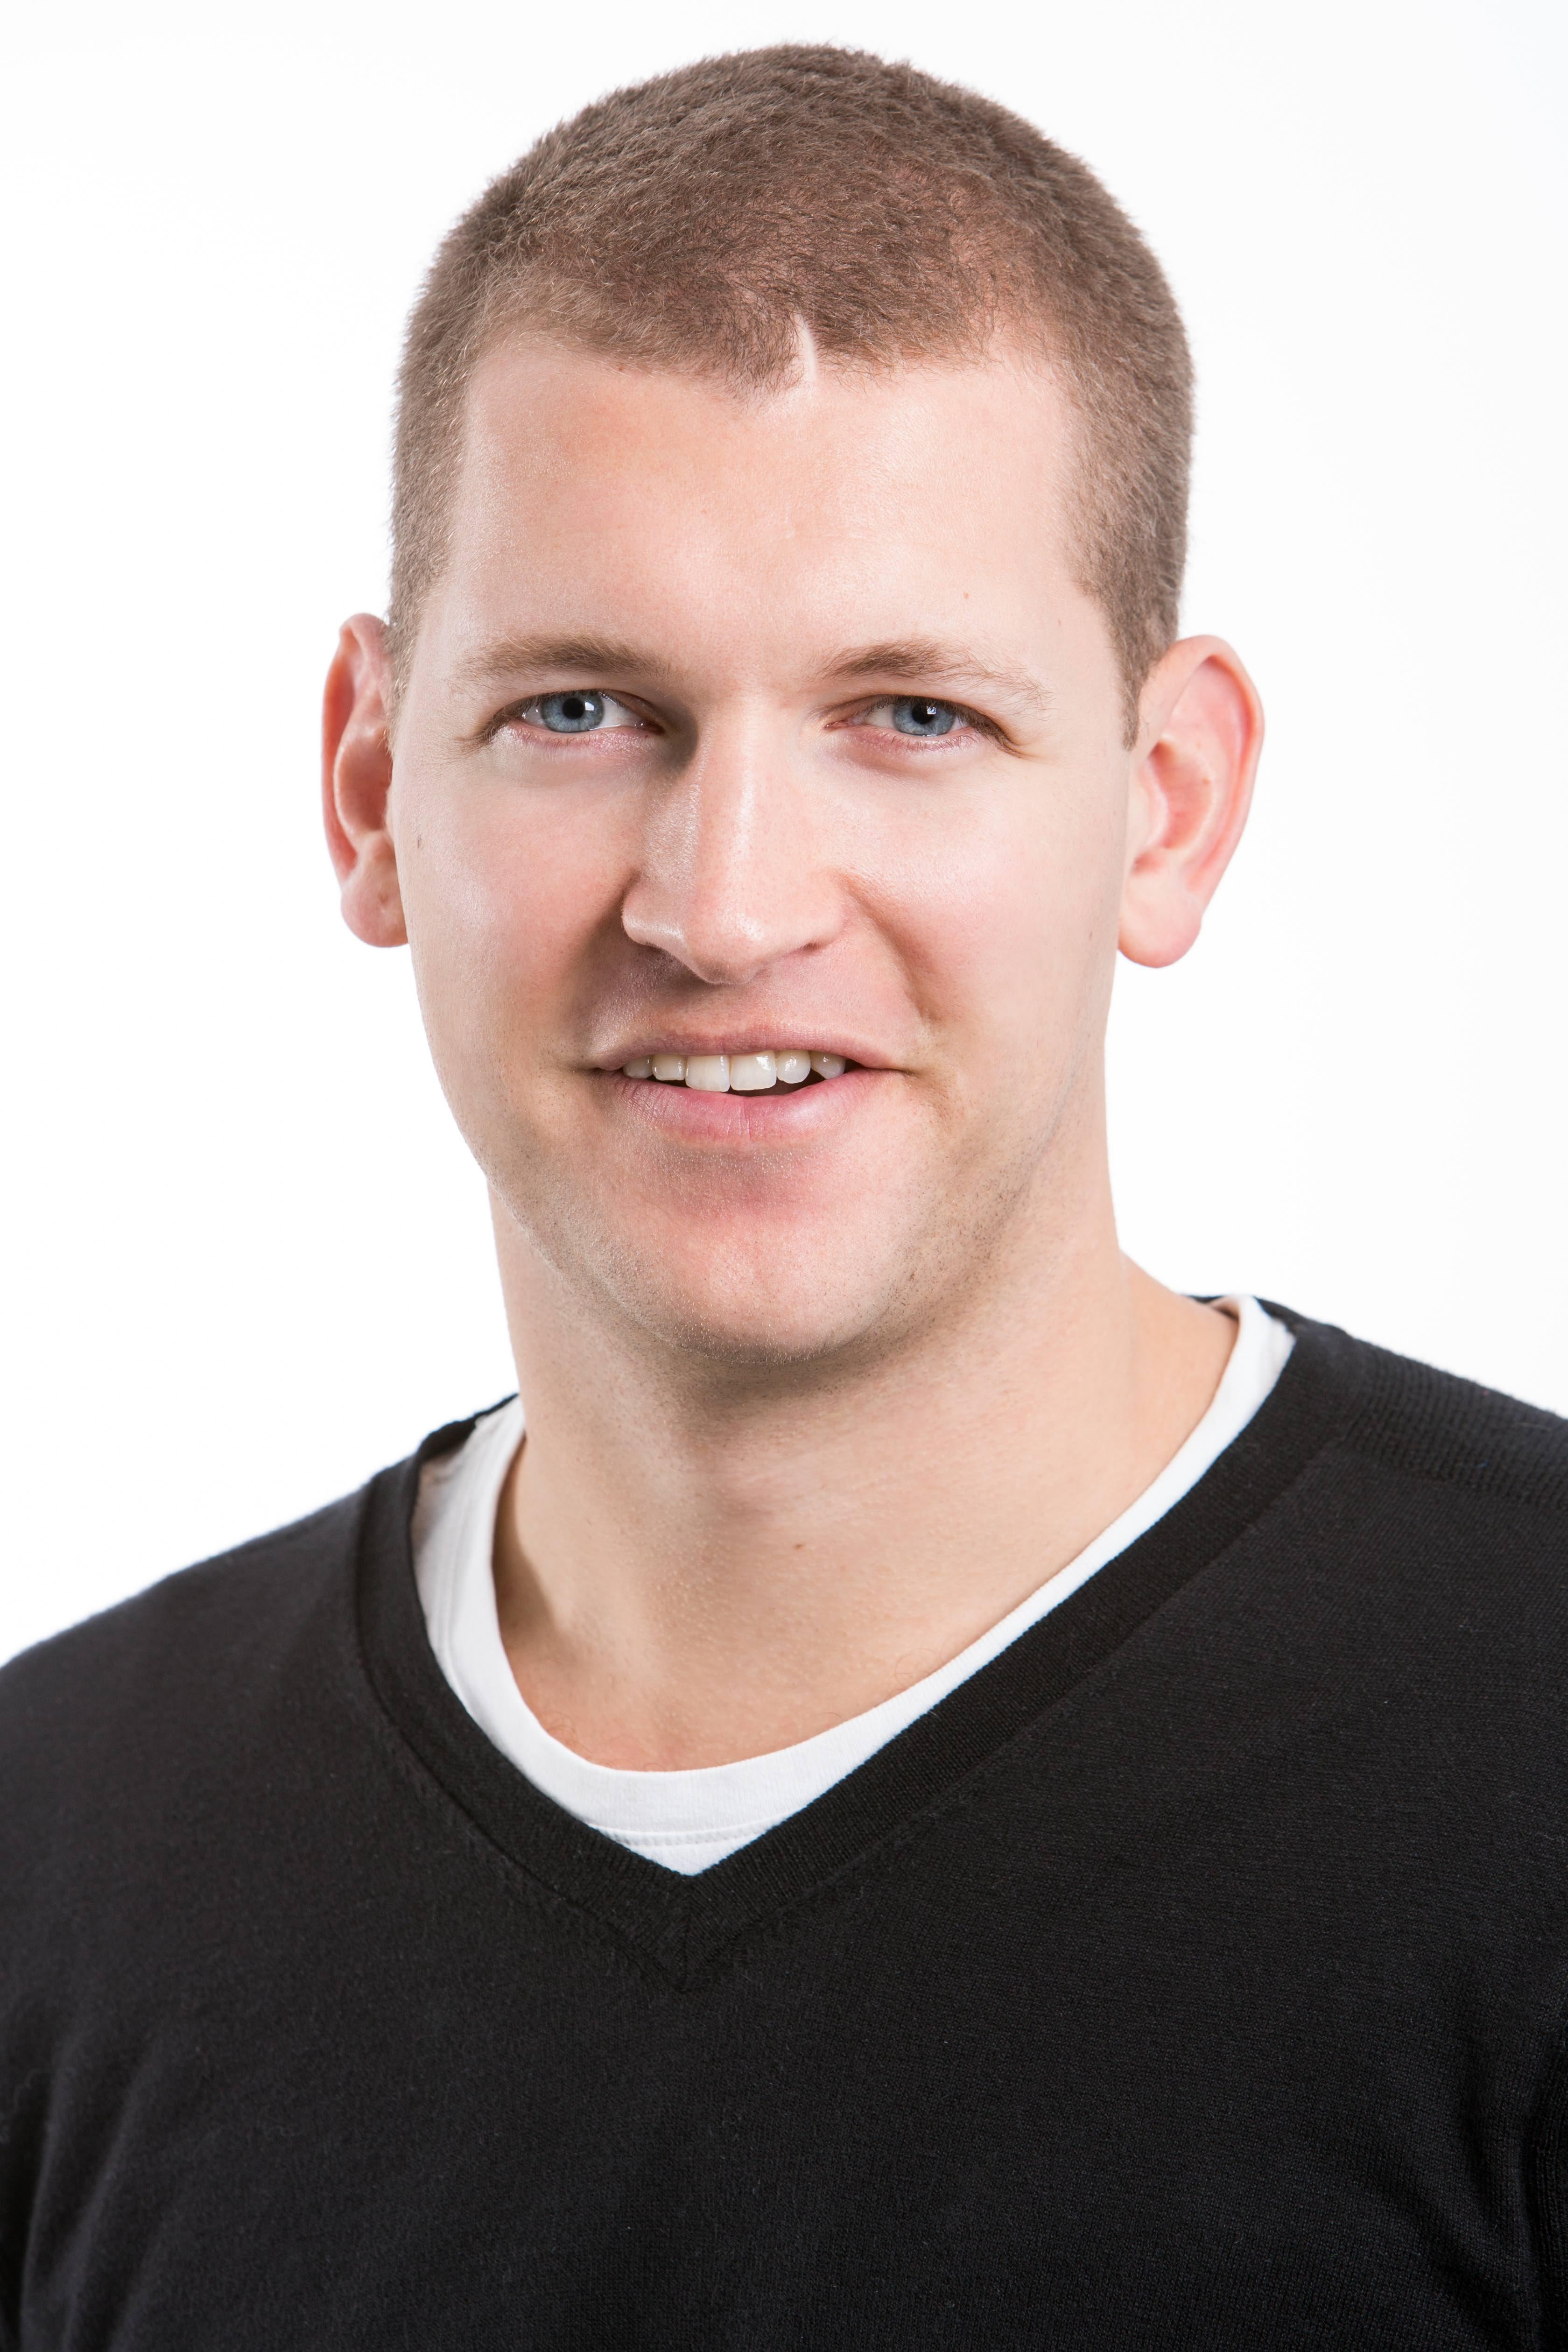 Ian Edwards